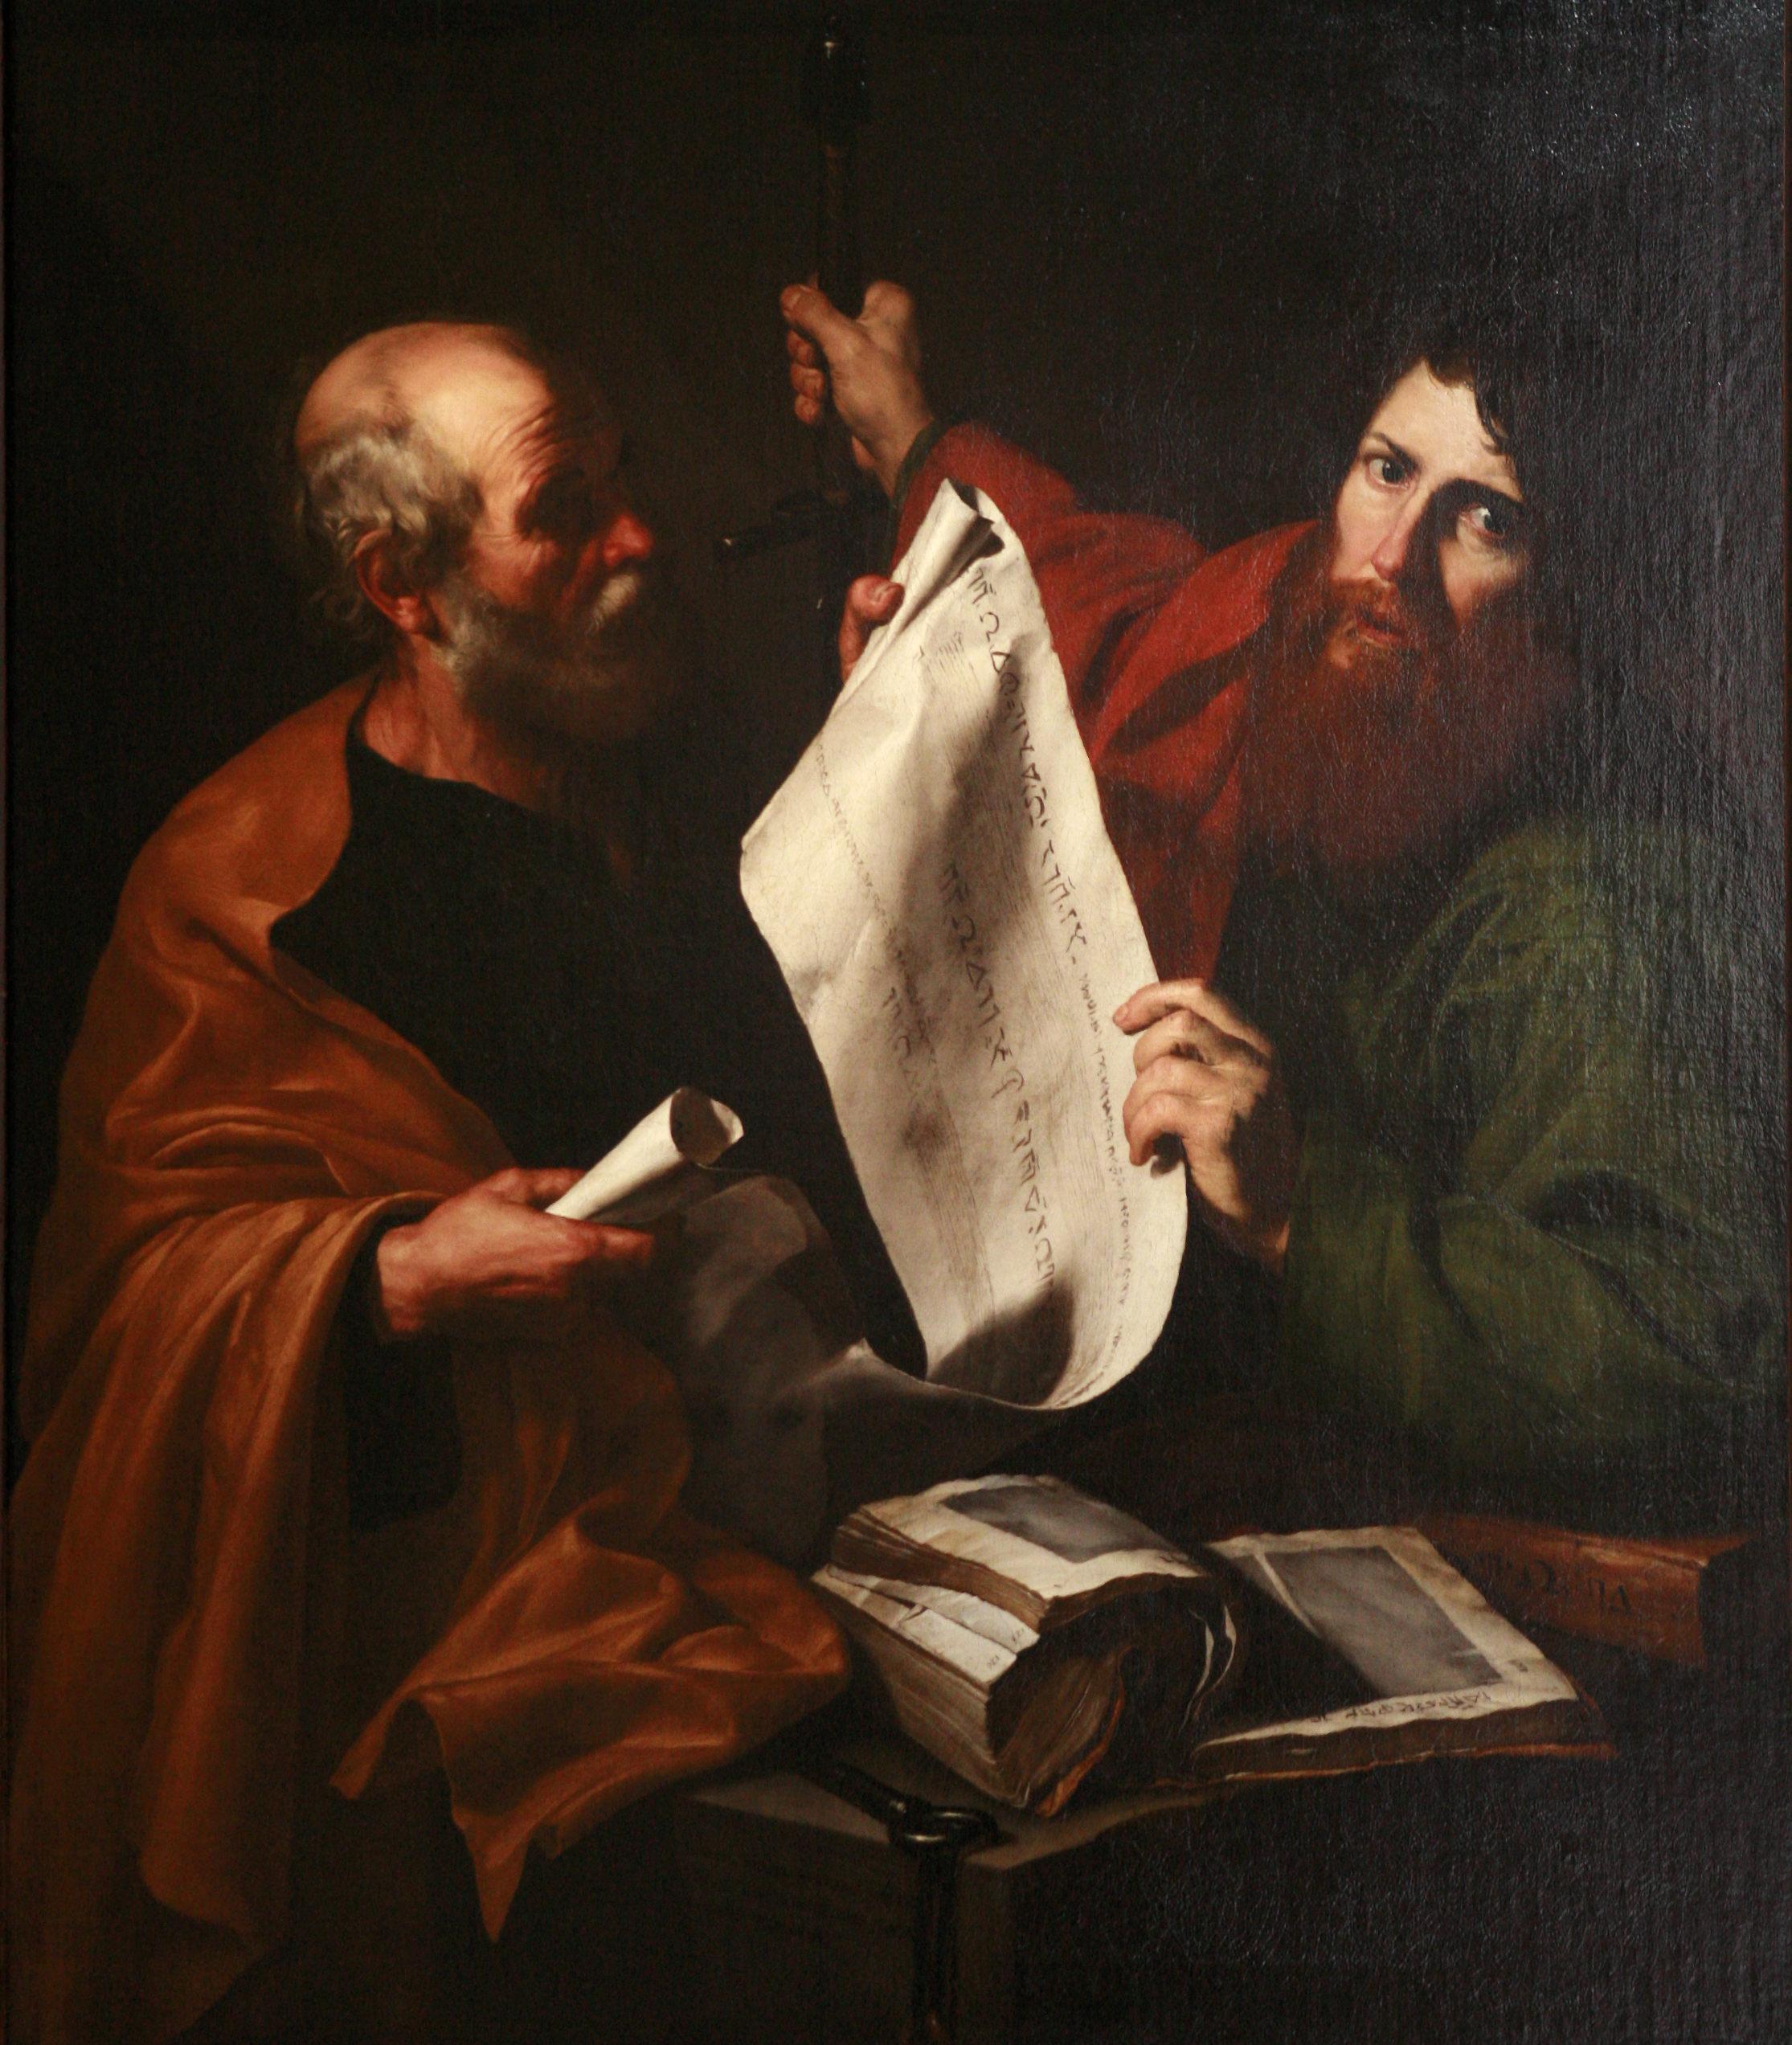 San Pietro e San Paolo dans immagini sacre saint-peter-and-saint-paul